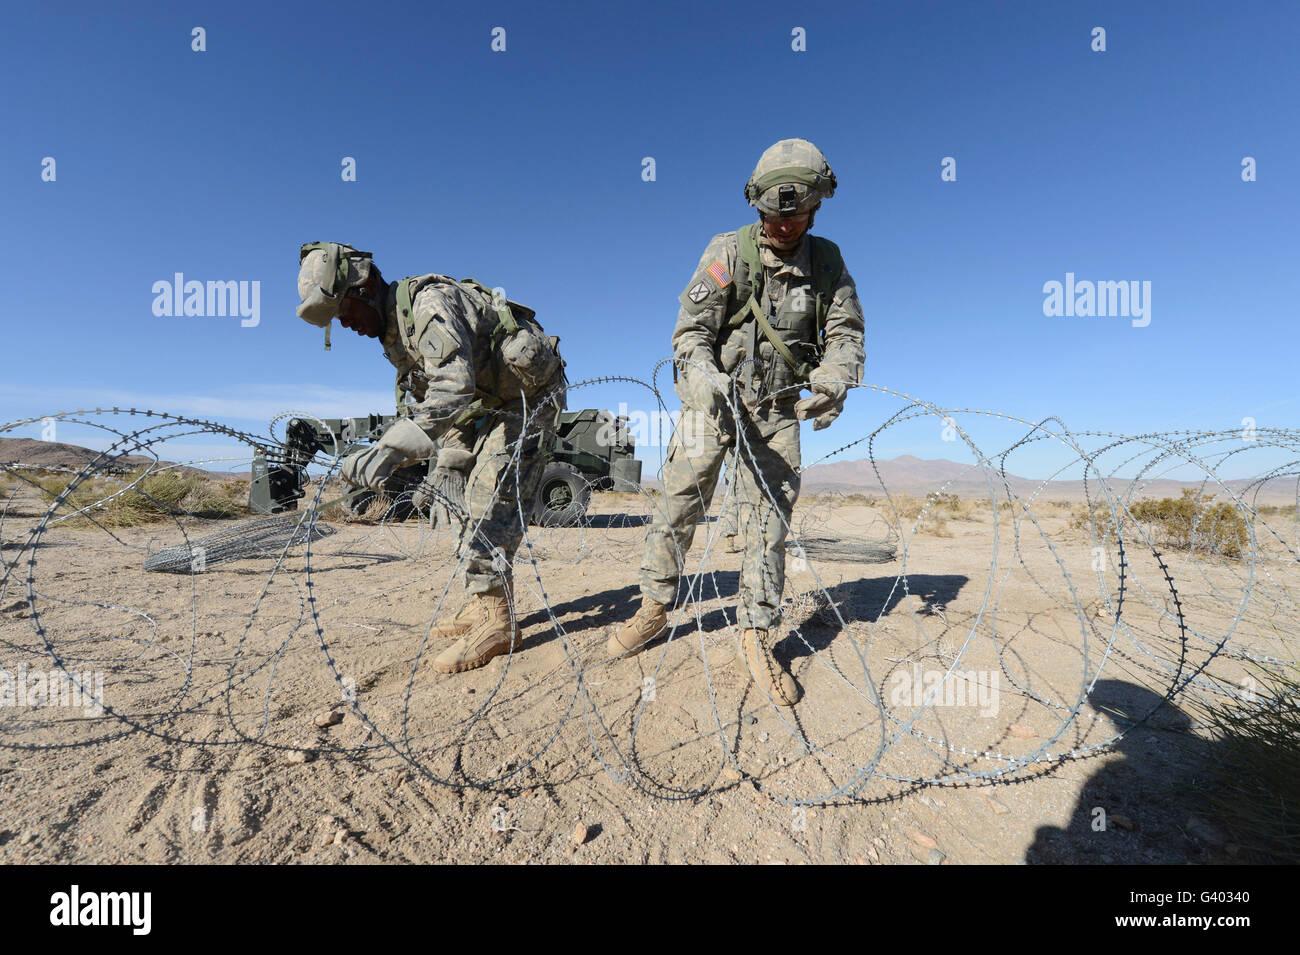 Soldati srotolare il filo di concertina a Fort Irwin, California. Immagini Stock